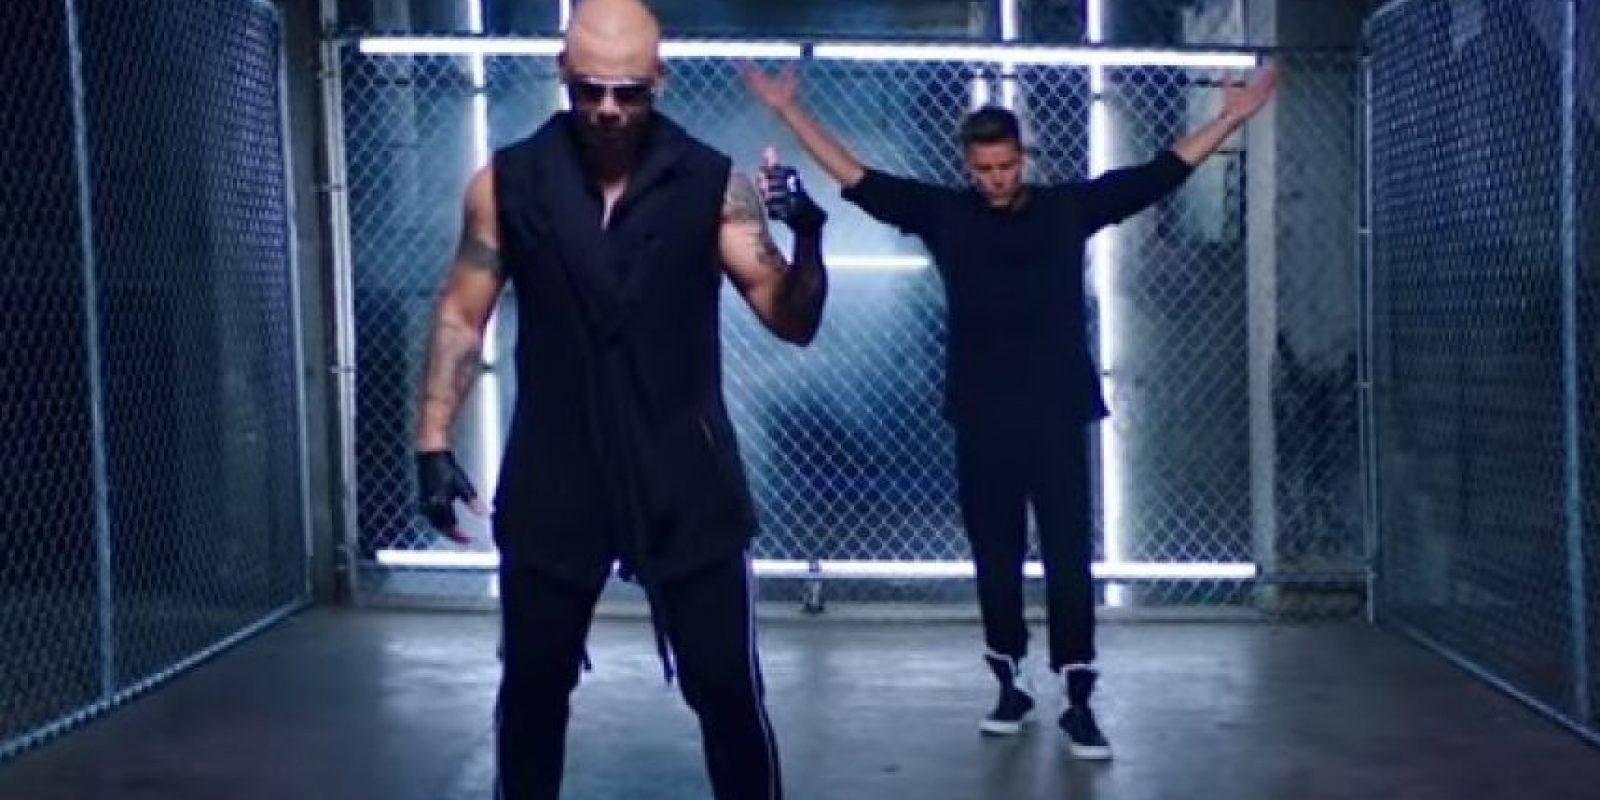 El video fue dirigido por el dominicano Jessy Terrero, quien ha trabajado con estrellas como Jennifer López y Enrique Iglesias. Foto:YouTube/WisinofficialVEVO